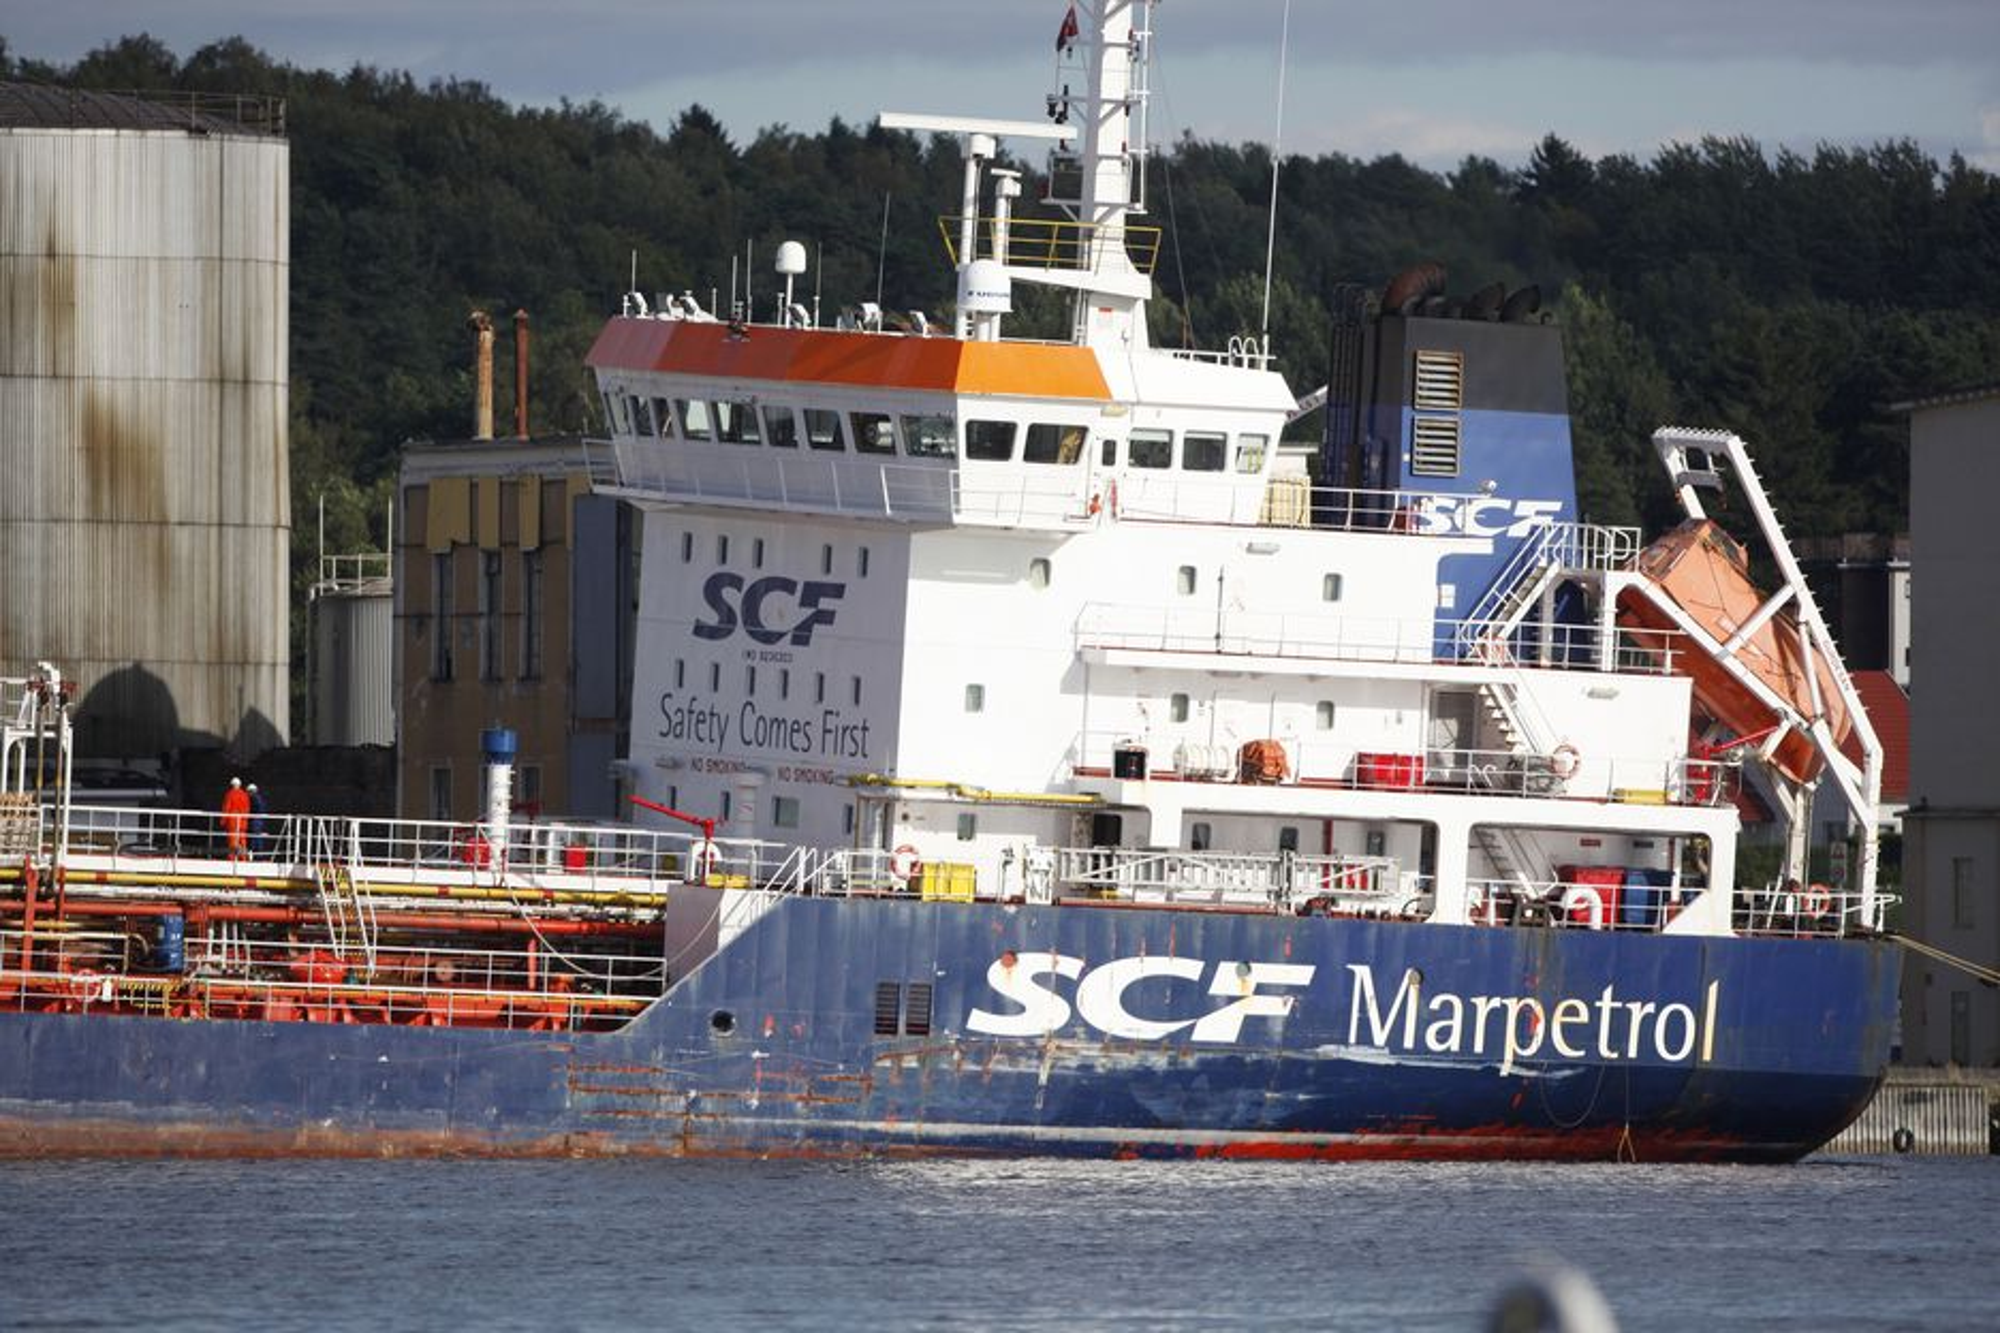 ANNEN PLAN: Skipet DVS har leid inn for å frakte det ulovlige og farlige avfallet fra Oleon i Sandefjord, ville bruke ekstra kjemikalier for å stabilsere H2S, som kan være brann- og eksplosjosnfarlig. Klif godkjente ikke kjemilaliene og anbefalte lut.